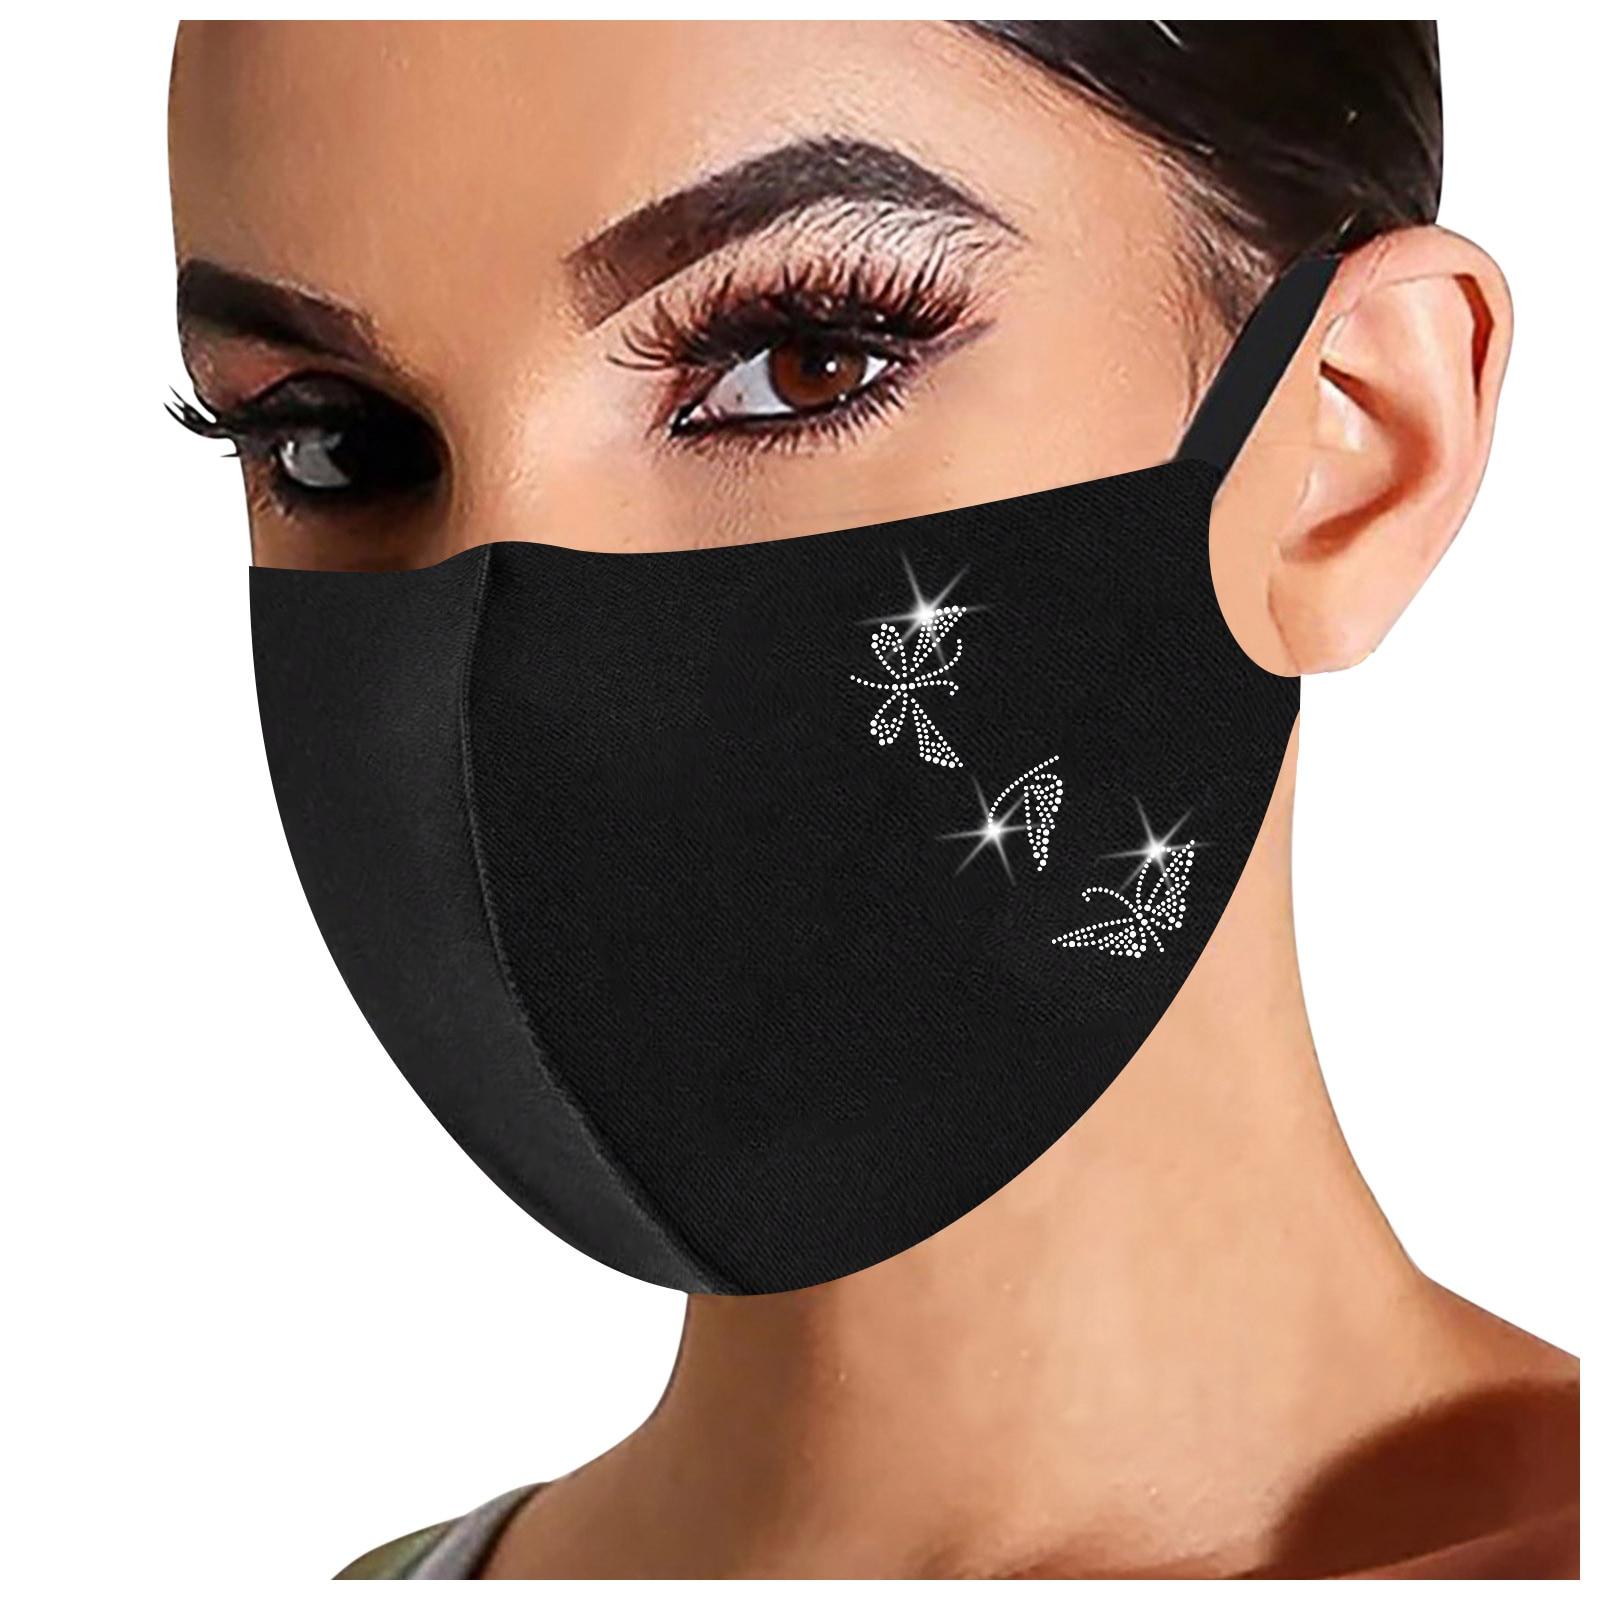 1pc Preto Máscara de Natal Para As Mulheres Na Moda Hot Diamante Impressão de Algodão Máscara Máscaras Маски От Вирусов Dropshipping 3